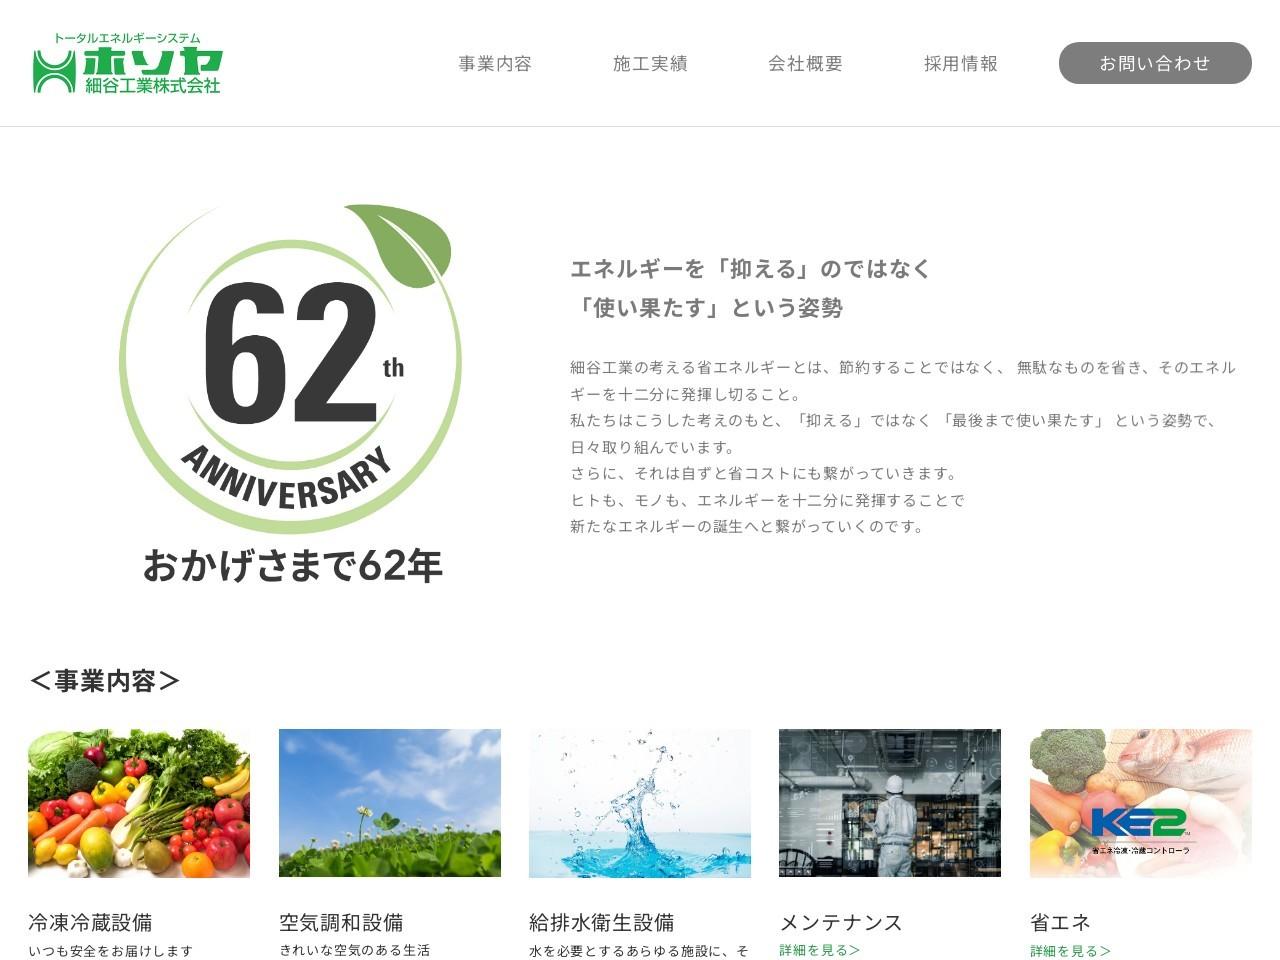 細谷工業株式会社本社